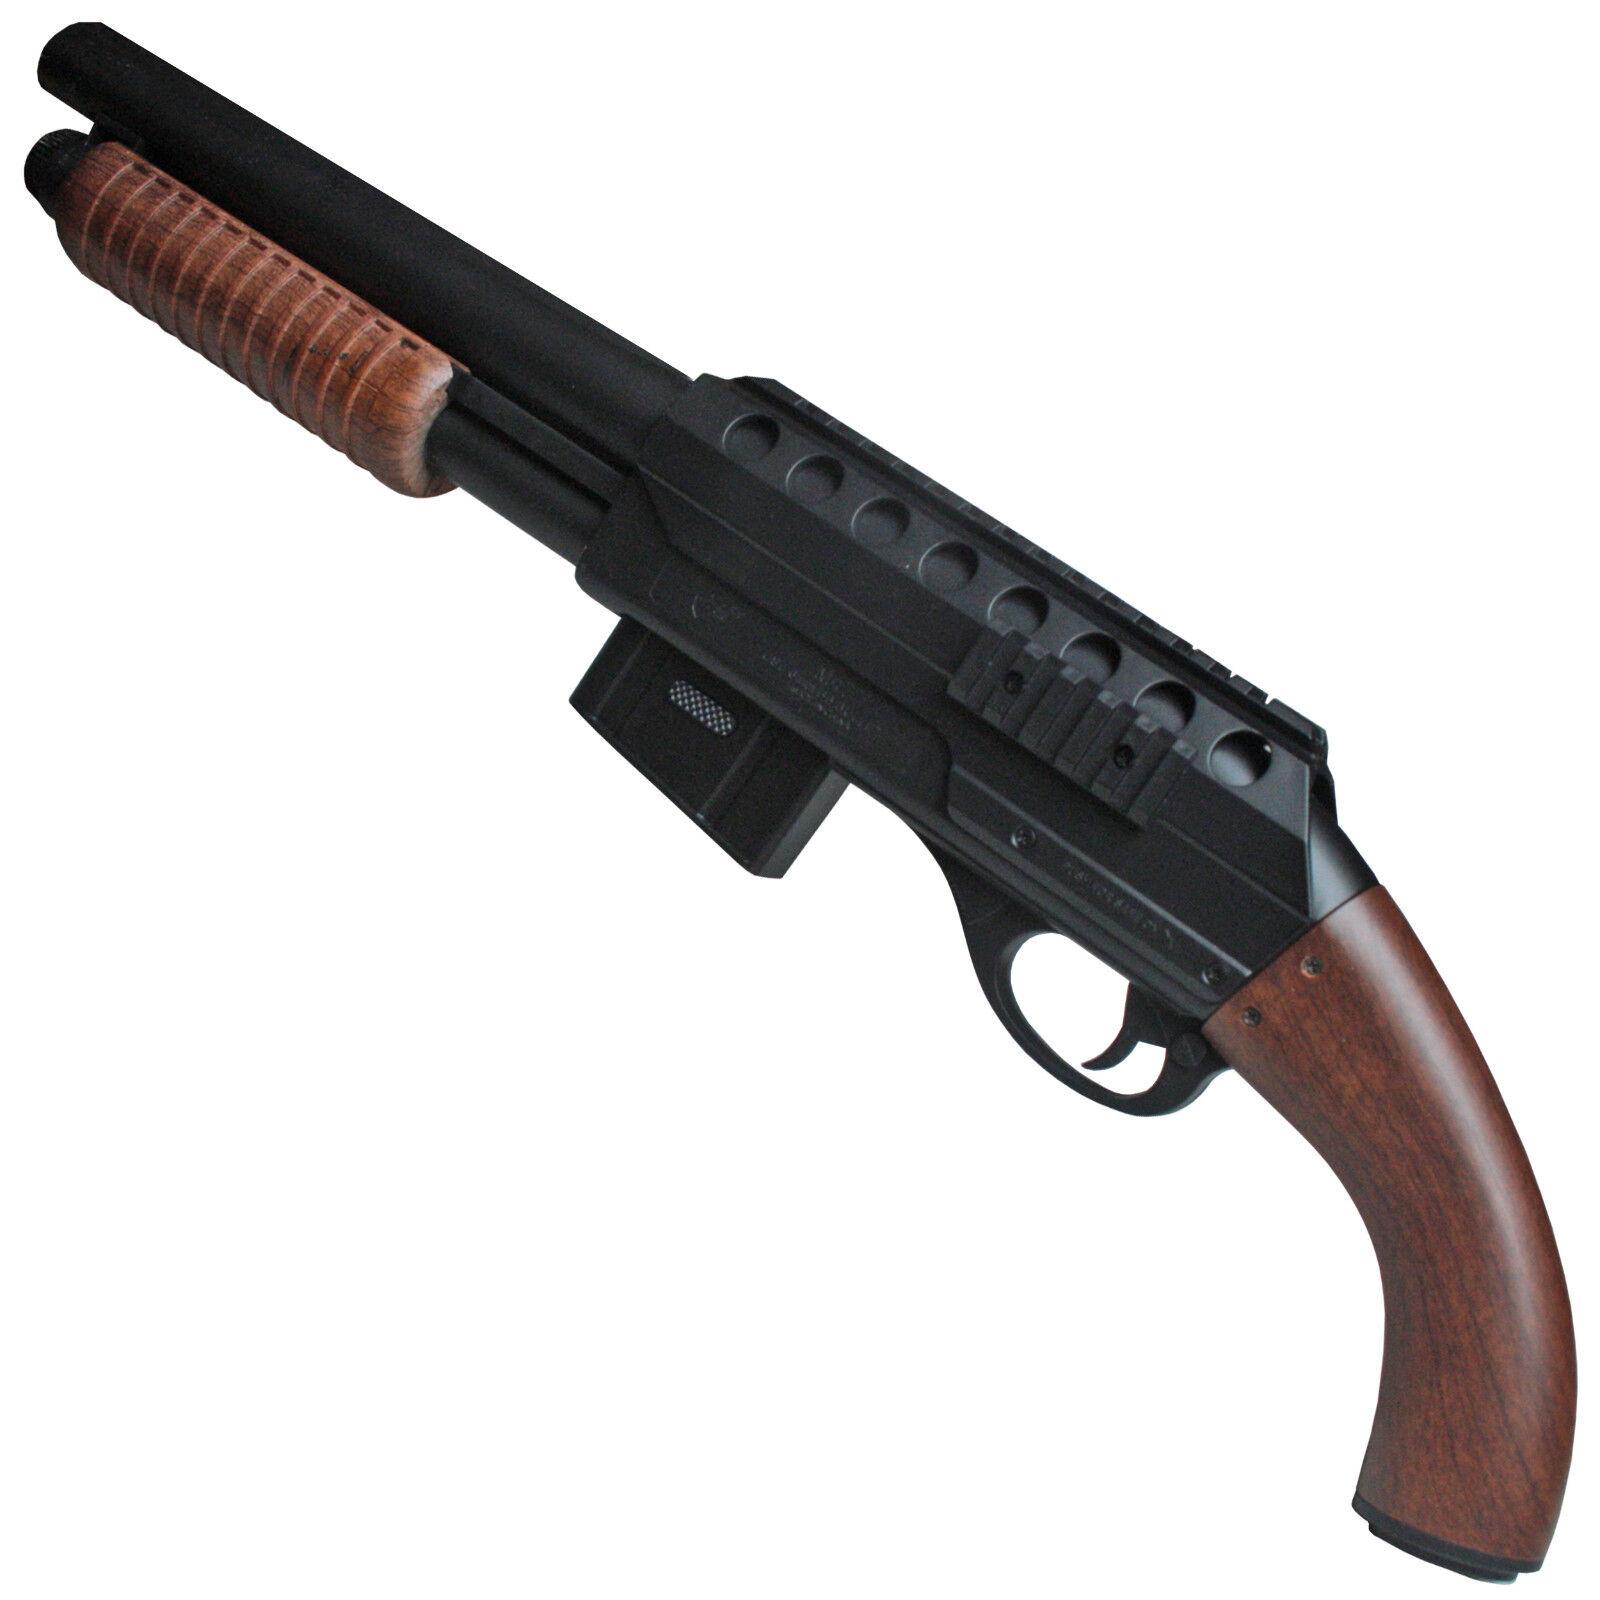 BGS M47C1 M47C1 M47C1 Pumpun mit Ladehilfe Softair Gewehr mit Zubehör 6 mm <0,5 Joule 7fb684